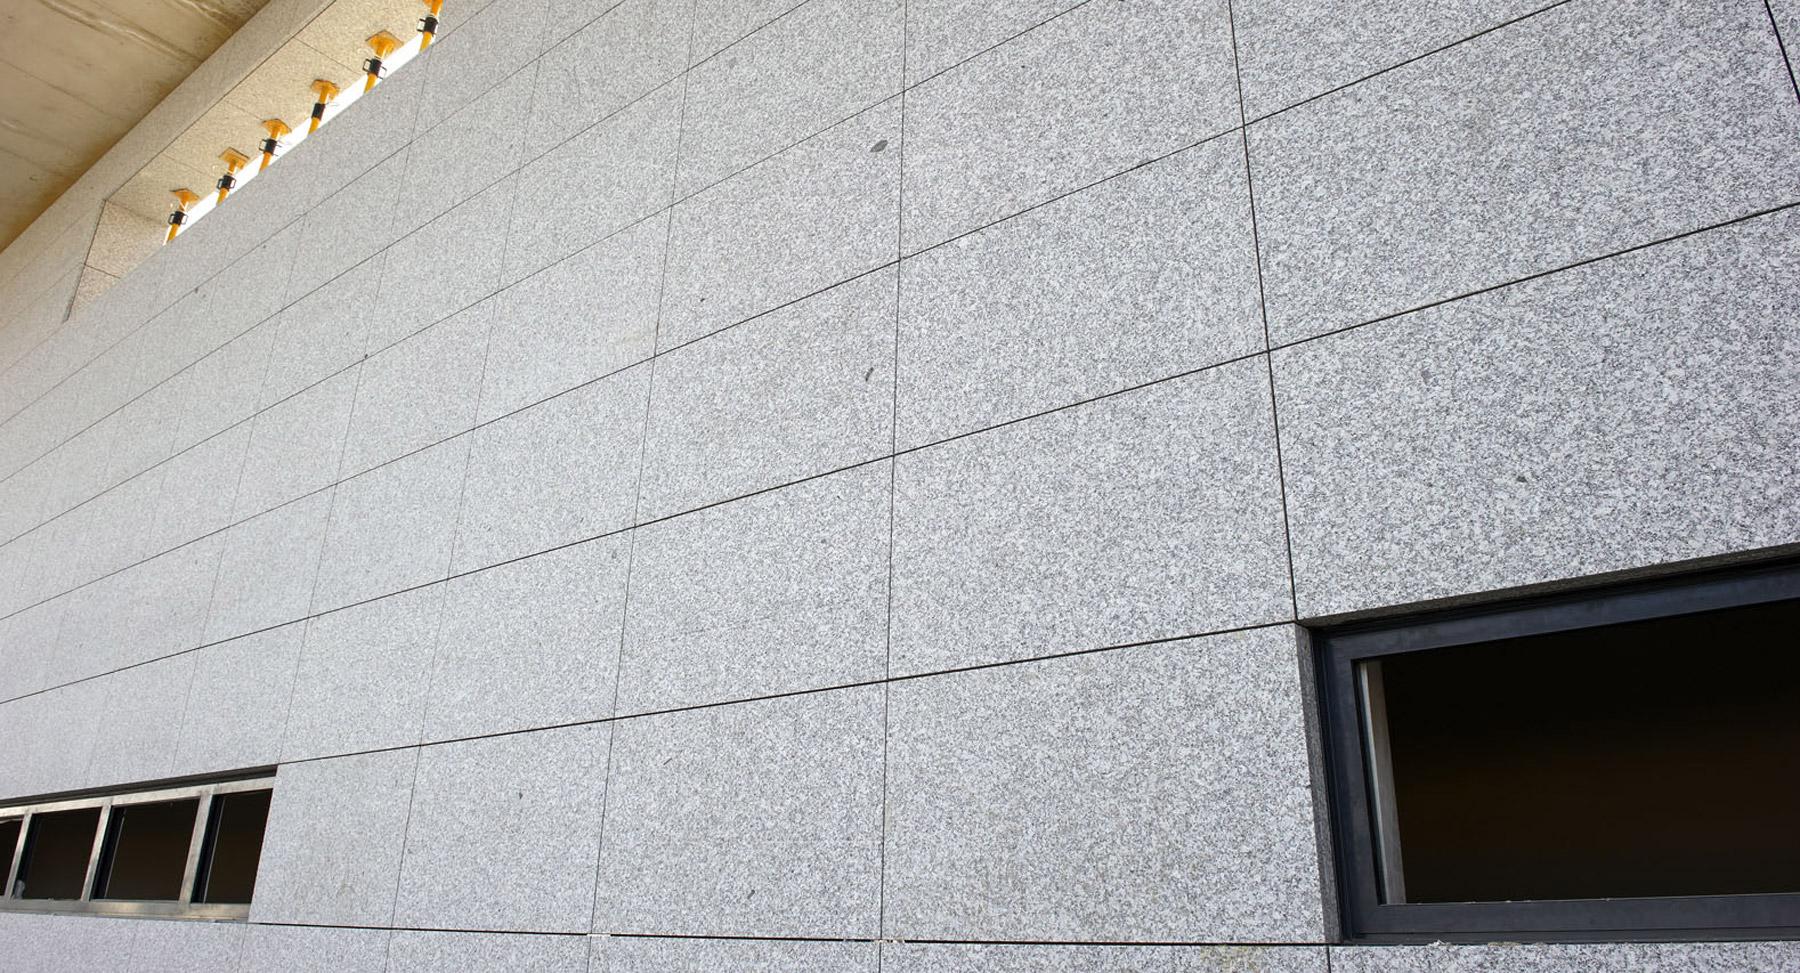 Obra dolcestone for Fachadas ventiladas de piedra